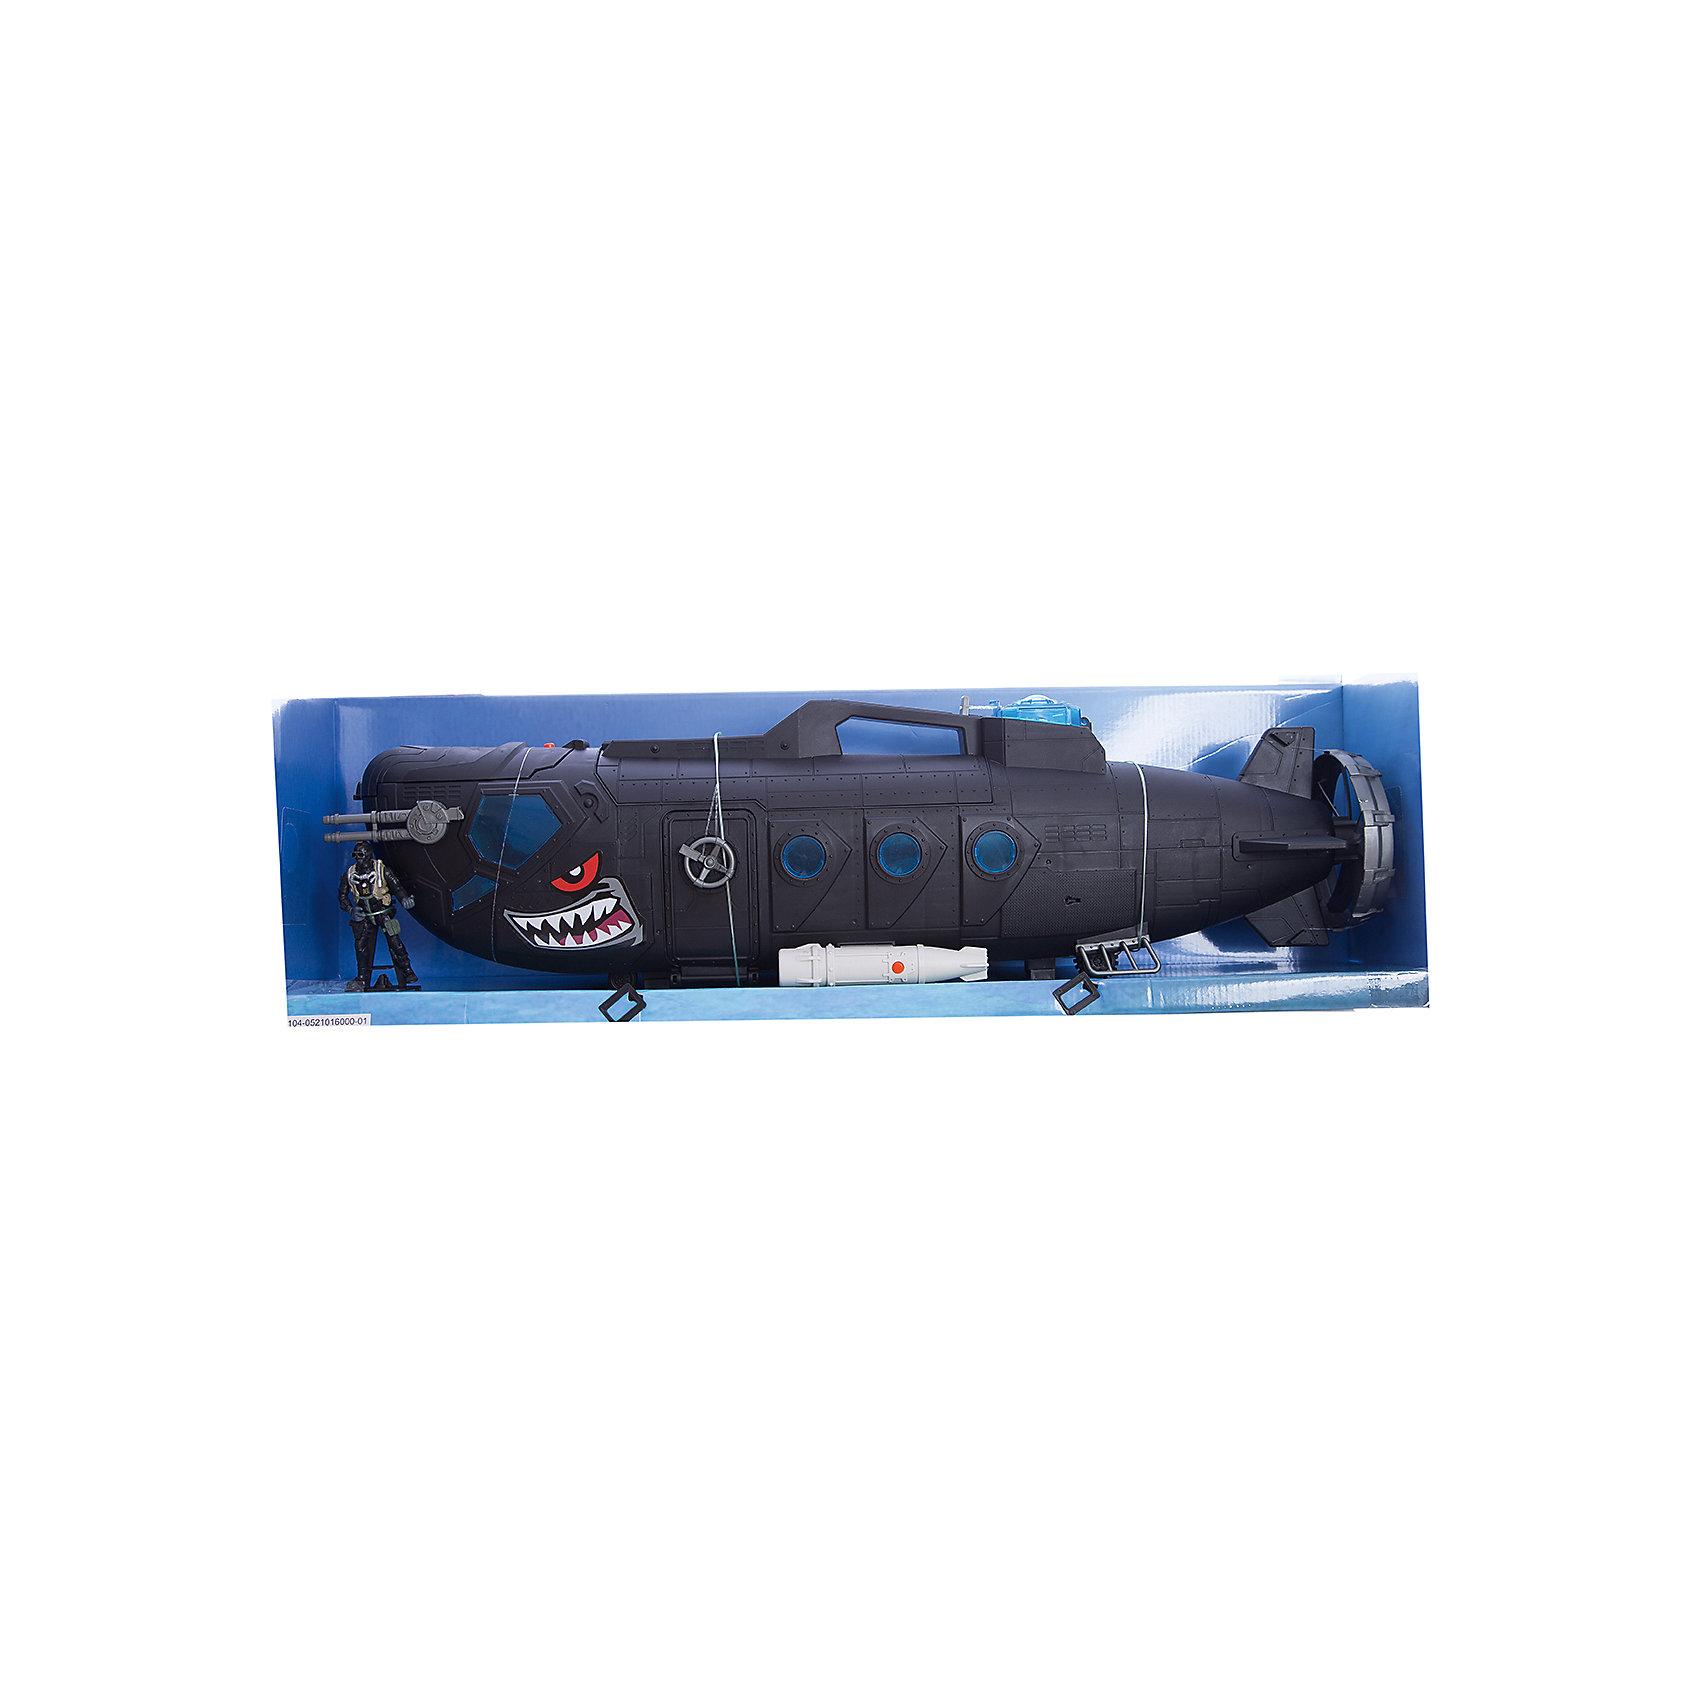 Игровой набор Боевая субмарина с батискафом, Chap MeiИгровой набор Боевая субмарина с батискафом, Chap Mei.<br><br>Характеристики:<br><br>- цвет: разноцветный;<br>- материал: пластик;<br>- работает на батарейках 3 x AG13, включены в набор;<br>- особенности: субмарина со звуком и светом;<br>- упаковка: коробка;<br>- комплектация: ракетная установка на 12 ракет, батискаф с двумя ракетами;<br>- размер упаковки: 76x17x24 см.<br><br>Замечательный игровой набор Chap Mei Боевая субмарина с батискафом включает в себя все, что нужно для настоящего любителя и ценителя игровых военных действий. Боевая субмарина Черная акула стреляет торпедами, запас которых хранится в верхней части судна. Корпус игрушки детально проработан и оформлен в расцветке хищной акулы. Носовая и центральная часть корпуса открываются. Подводная лодка озвучена, люки в носовой части лодки подсвечиваются ярким синим цветом, что только добавляет реалистичности игре, а дополнительное оснащение субмарины: батискаф с 2-мя ракетами и надувная шлюпка разнообразит сюжеты игр и варианты развития событий - абсолютно каждый мальчуган будет в восторге. Все элементы набора изготовлены из качественного пластика.<br><br>Игровой набор Боевая субмарина с батискафом, Chap Mei можно купить в нашем интернет-магазине.<br><br>Ширина мм: 76<br>Глубина мм: 17<br>Высота мм: 24<br>Вес г: 2350<br>Возраст от месяцев: 36<br>Возраст до месяцев: 2147483647<br>Пол: Мужской<br>Возраст: Детский<br>SKU: 5055440